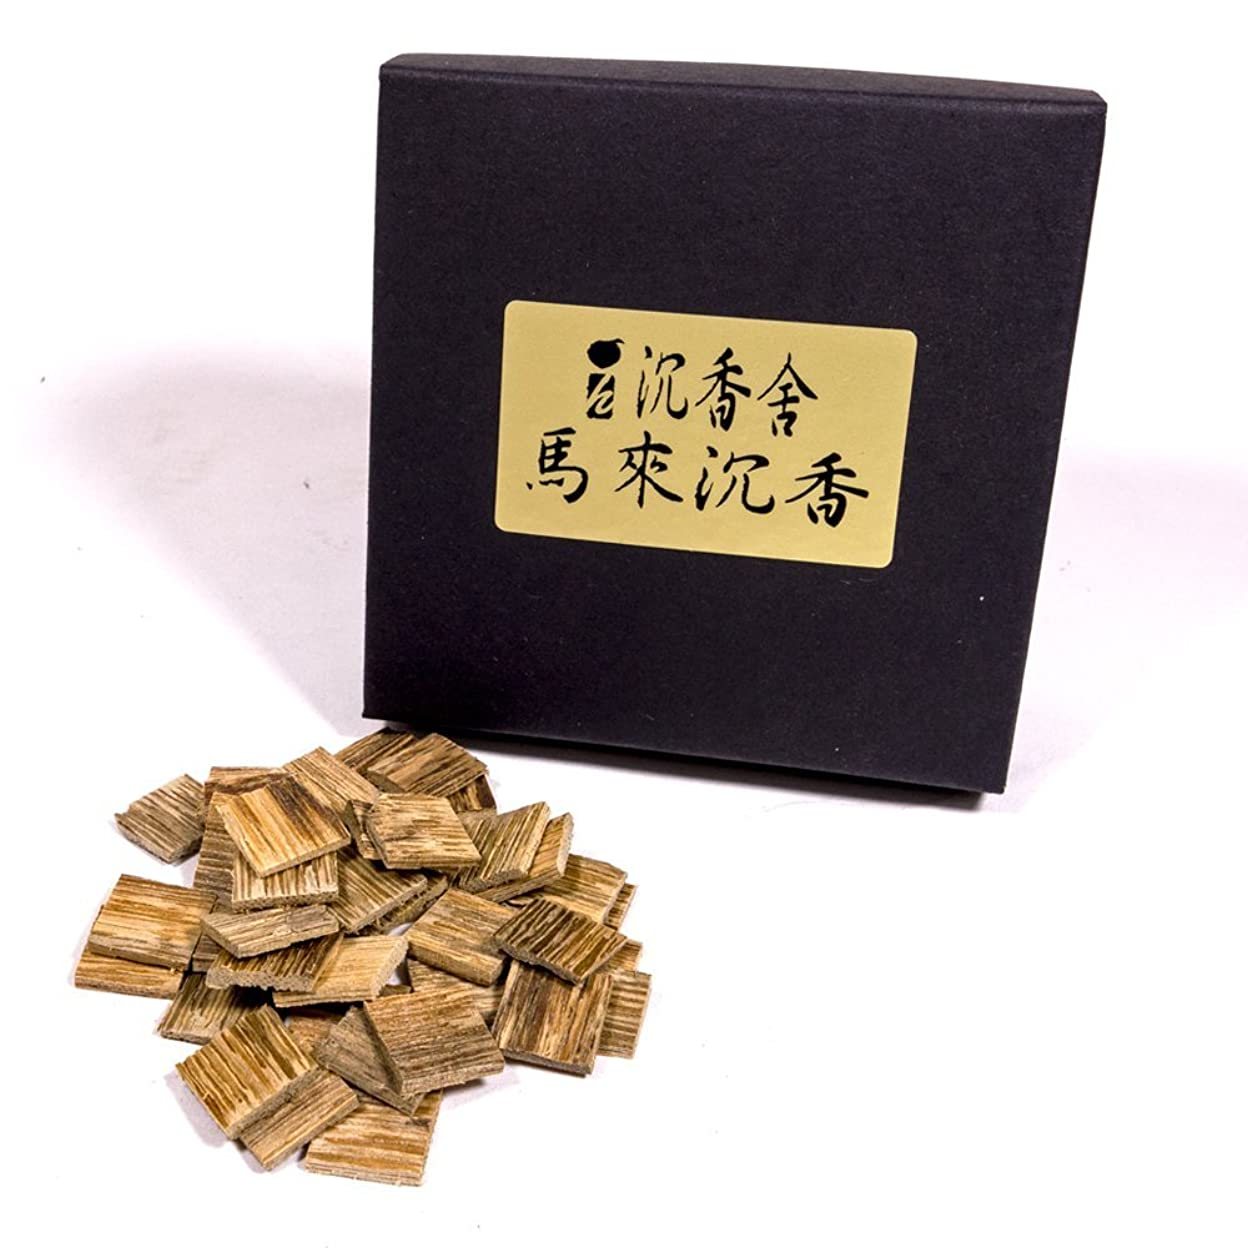 中止します有用可能にする馬來西亞 沈香角割刻み マレーシア産 沈香 5g お香 お焼香 焼香 天然沈香香木刻み こづつ用